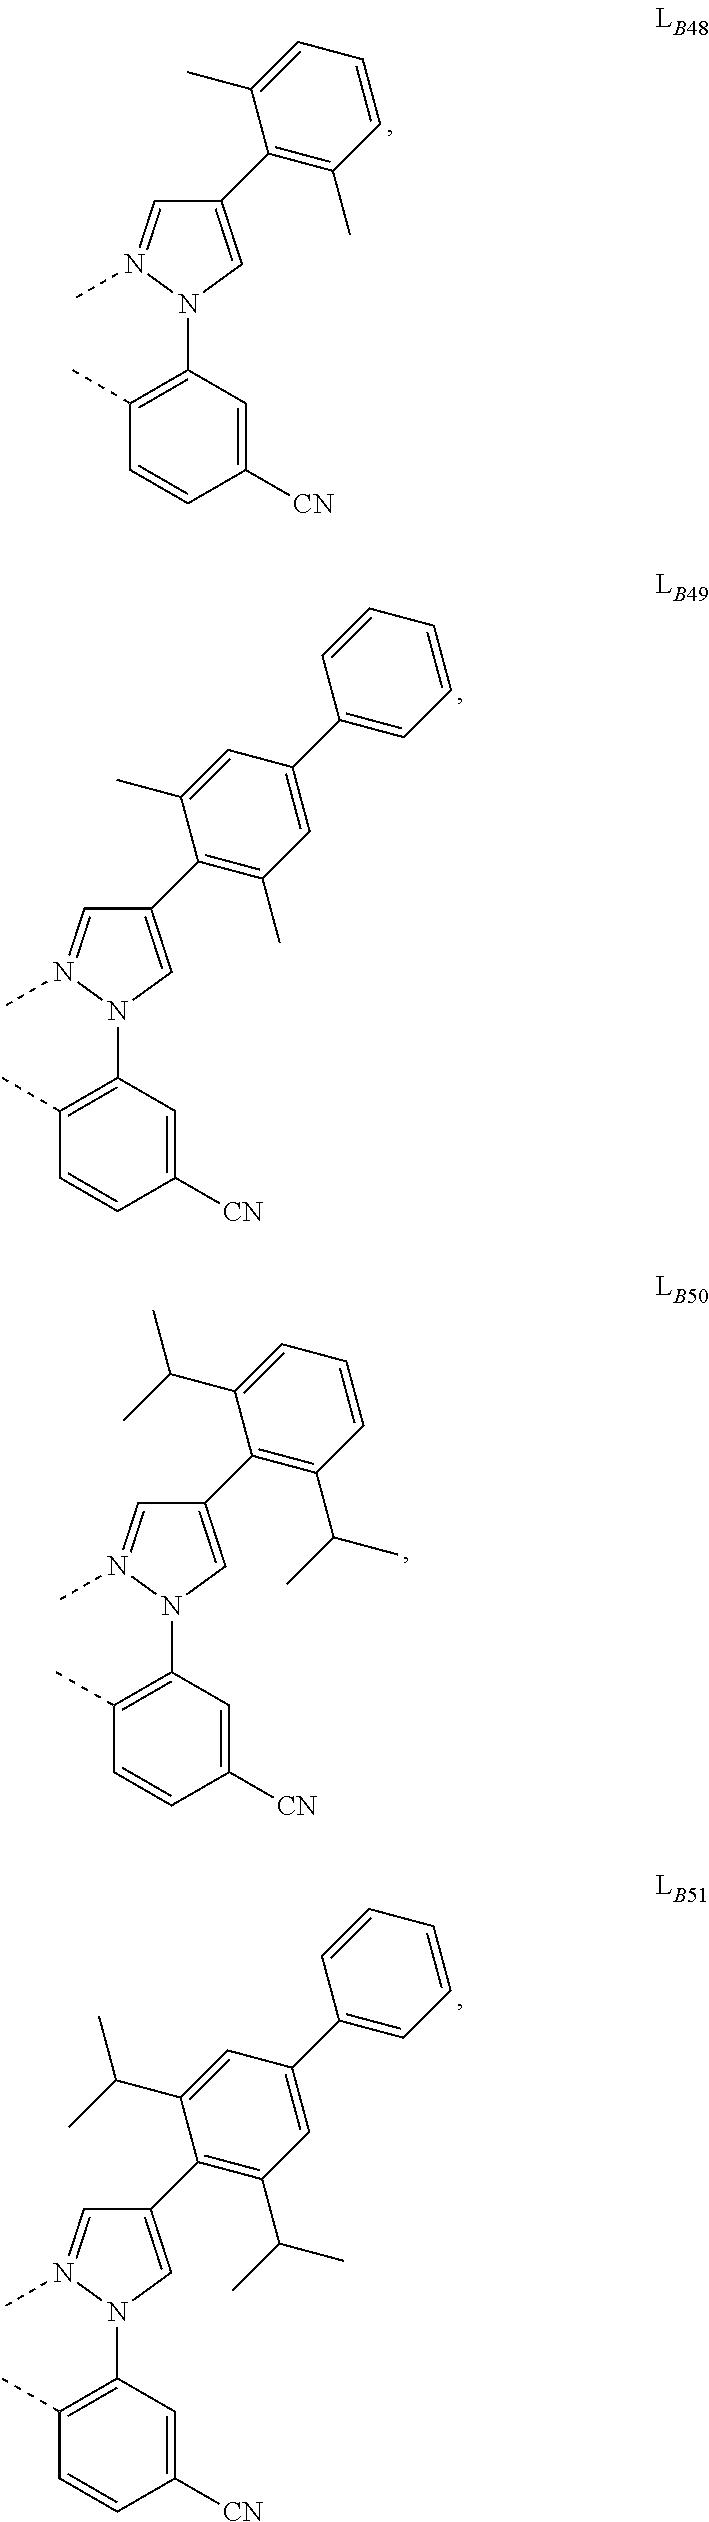 Figure US09905785-20180227-C00508